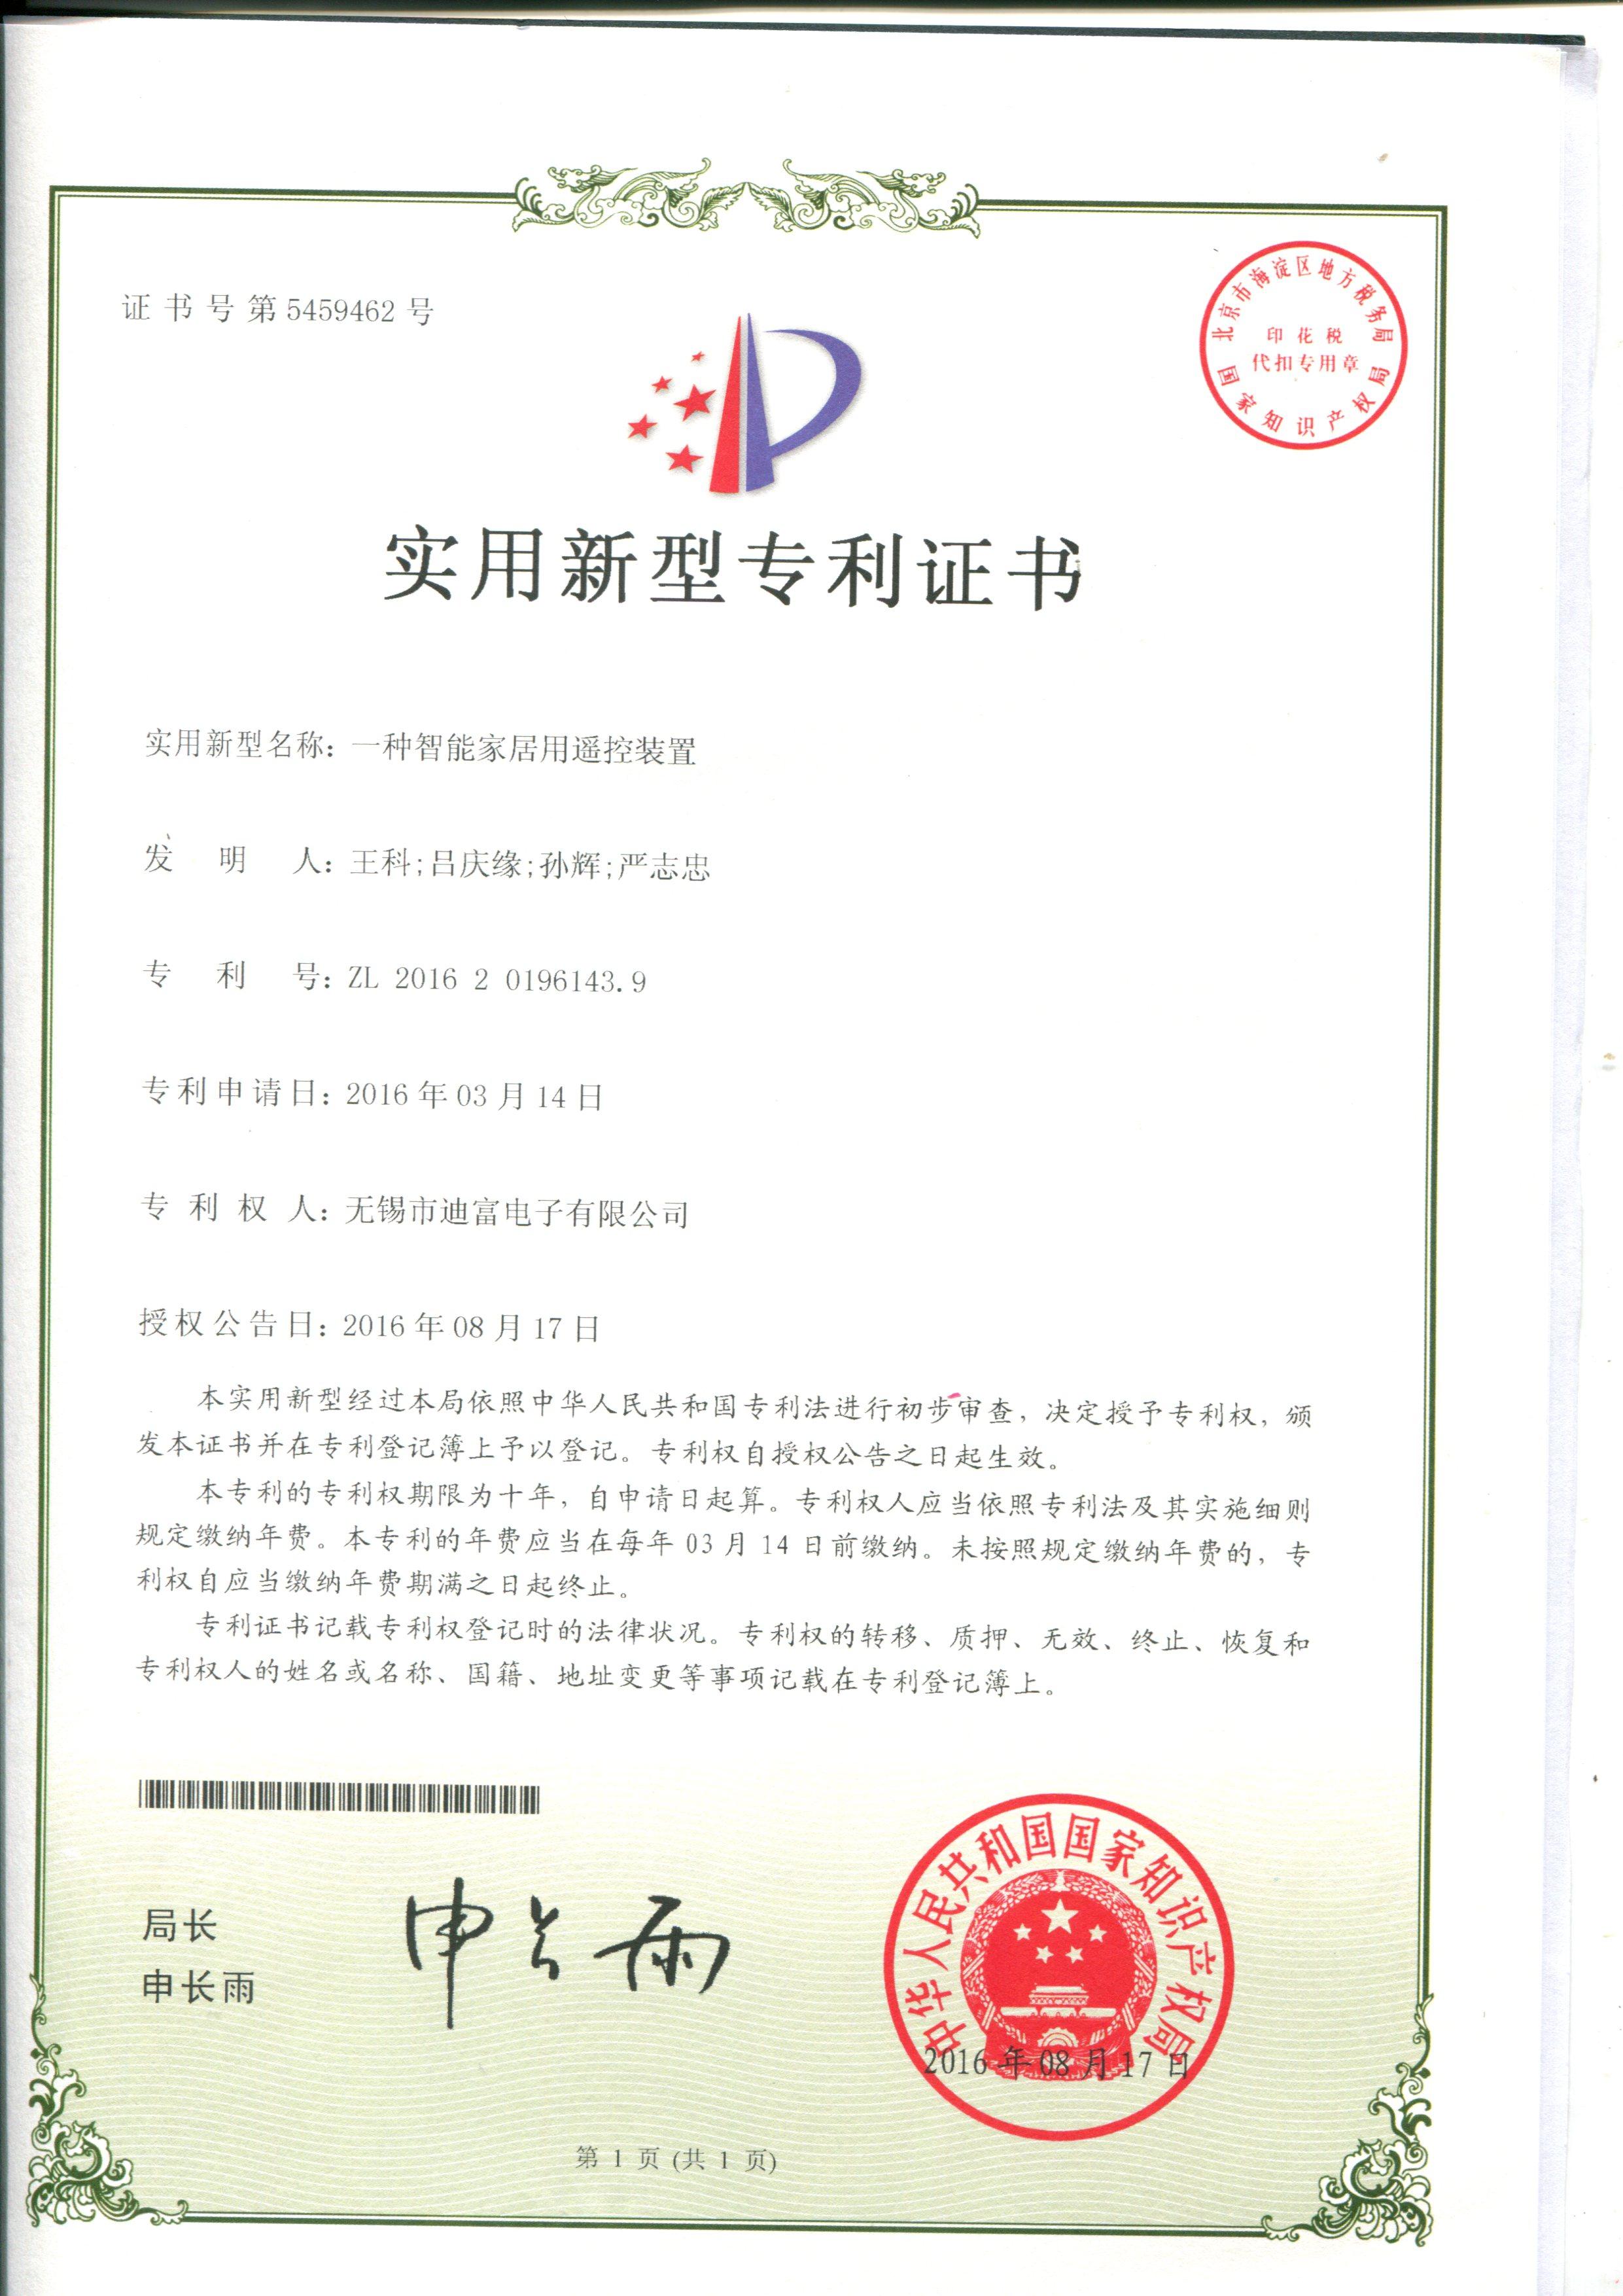 迪富电子智能家居用遥控器装置证书